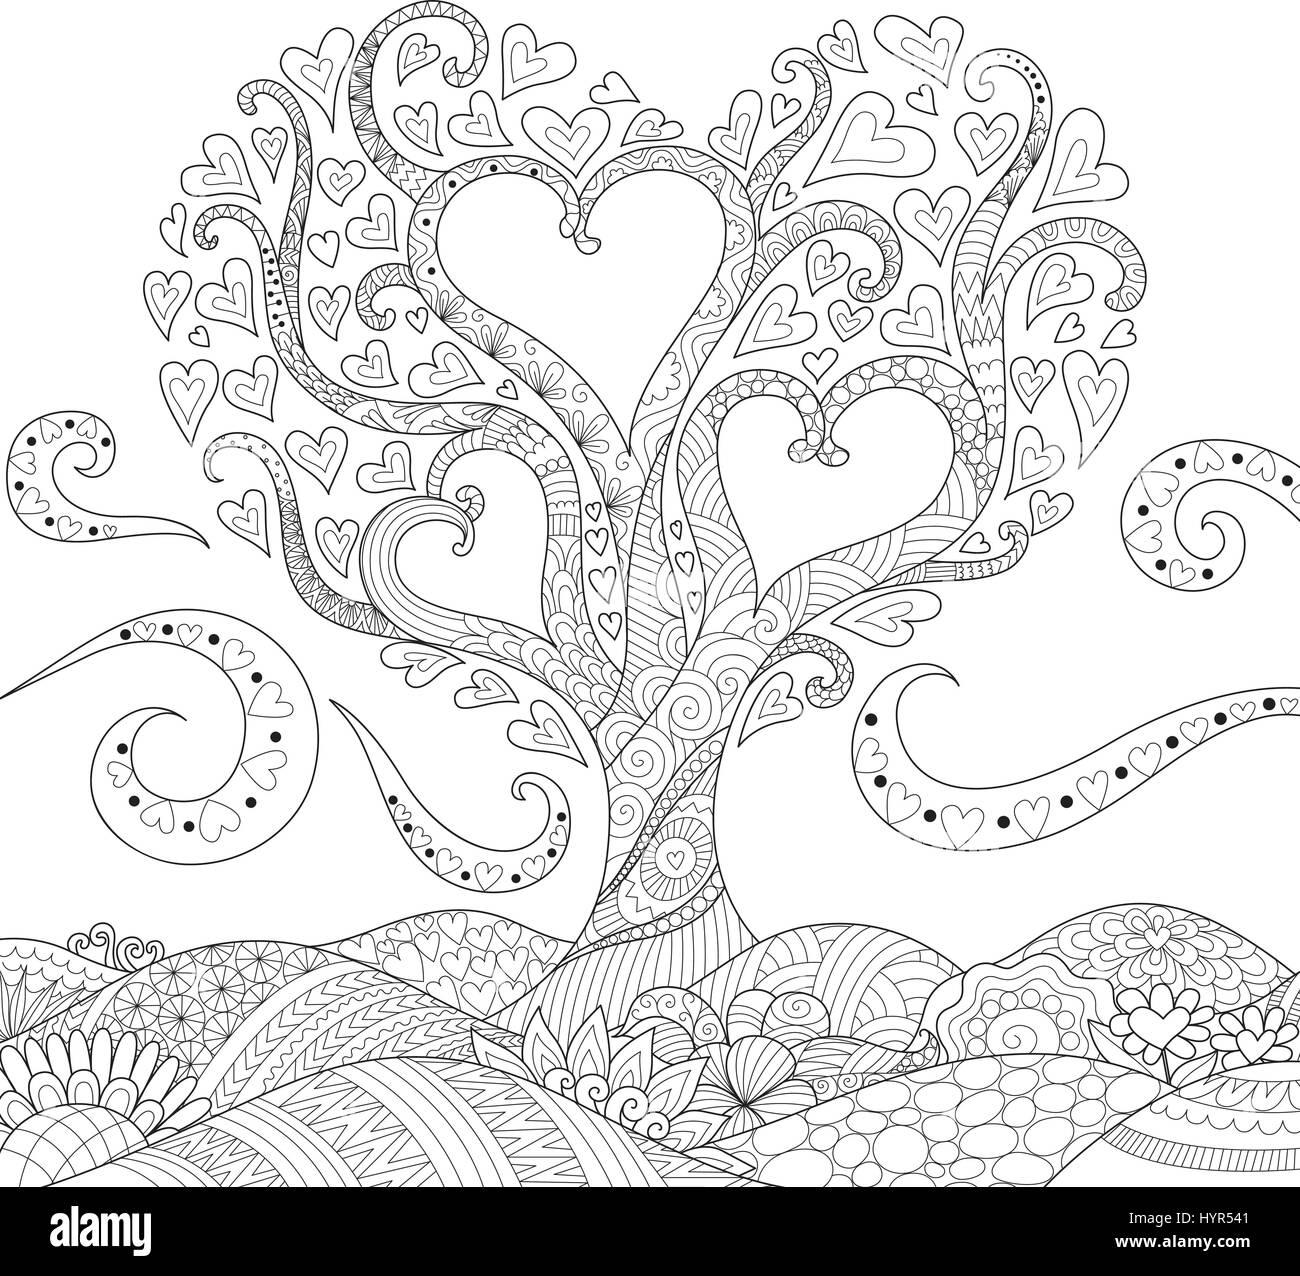 Hearted Formstruktur auf florale Boden für Karte, Einladung und Erwachsene Malvorlagen Buch für anti-Stress. Vektor Stock Vektor